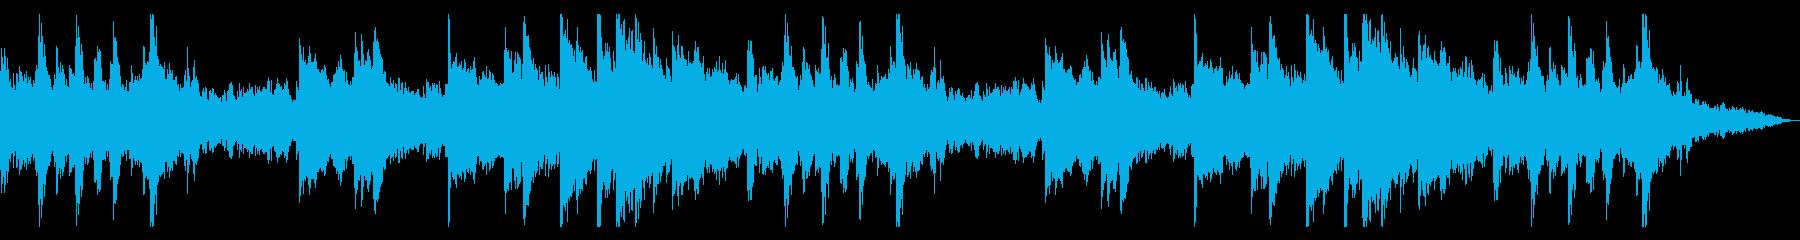 幻想的な物悲しい雰囲気のBGMの再生済みの波形